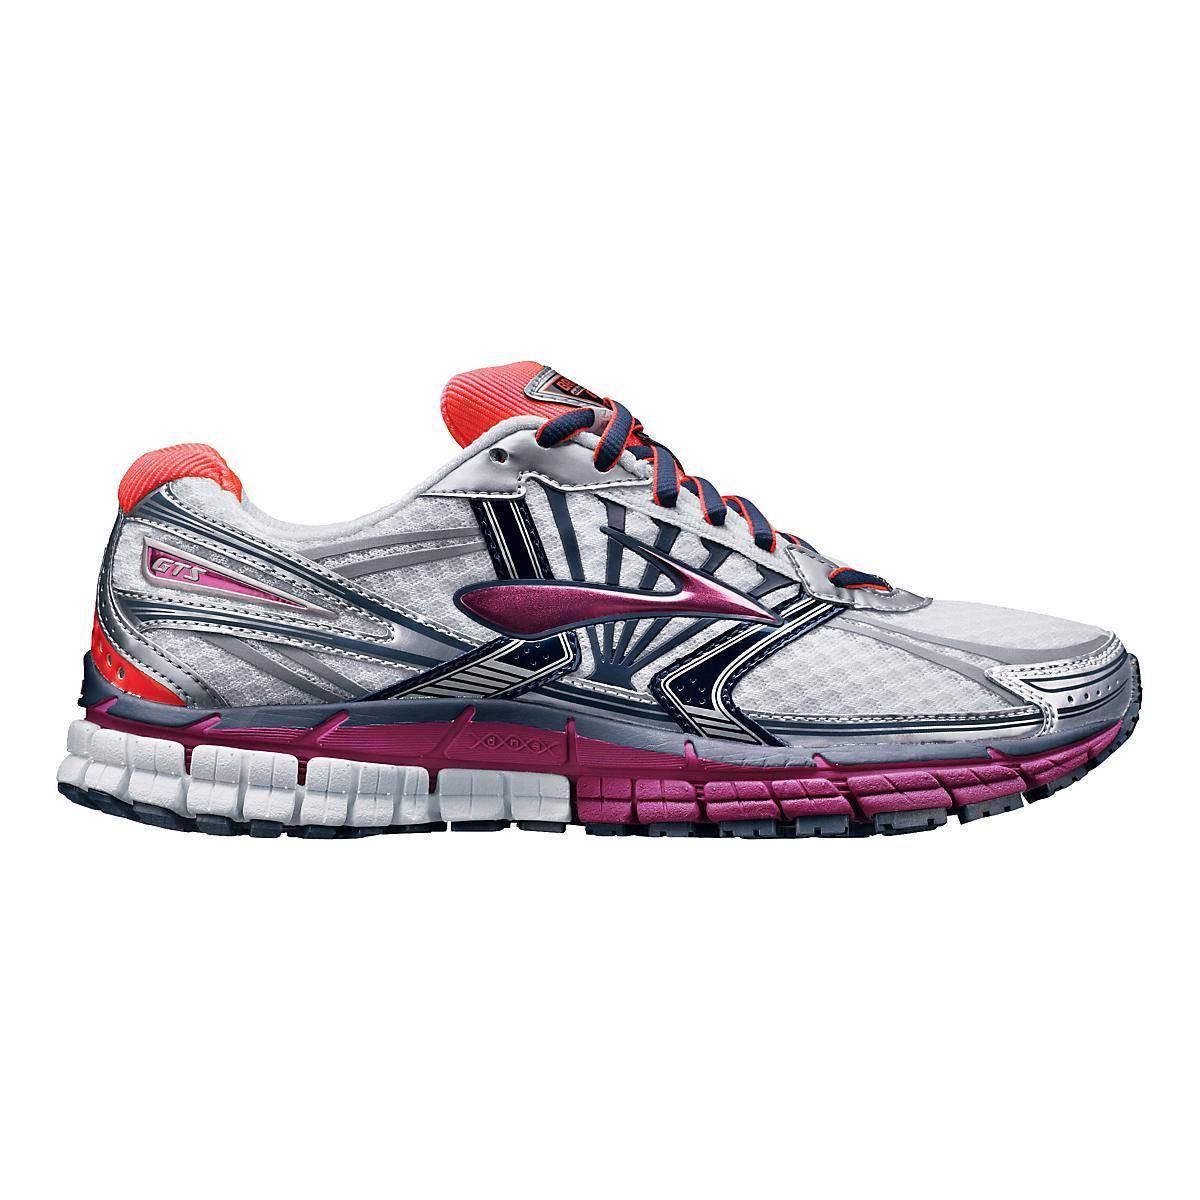 best website 23211 a974a Womens Brooks Adrenaline GTS 14 Running Shoe at Road Runner Sports